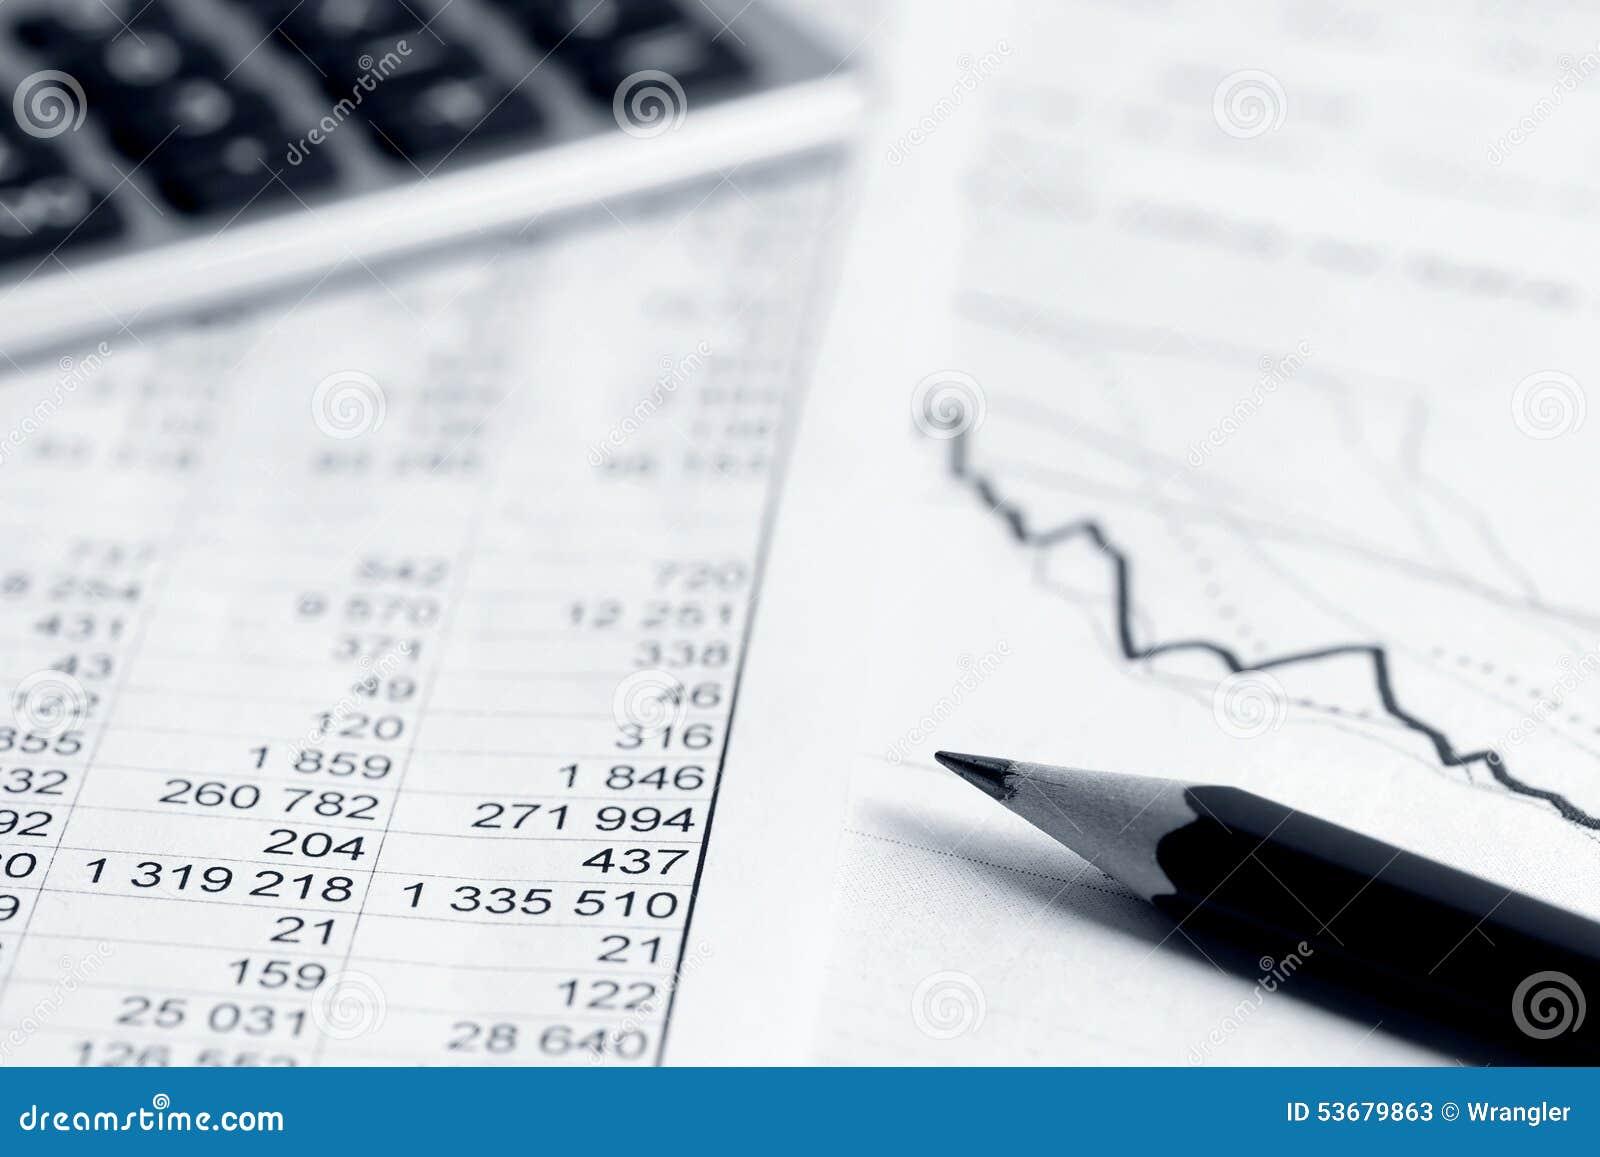 Фондовая биржа финансового учета изображает диаграммой анализ